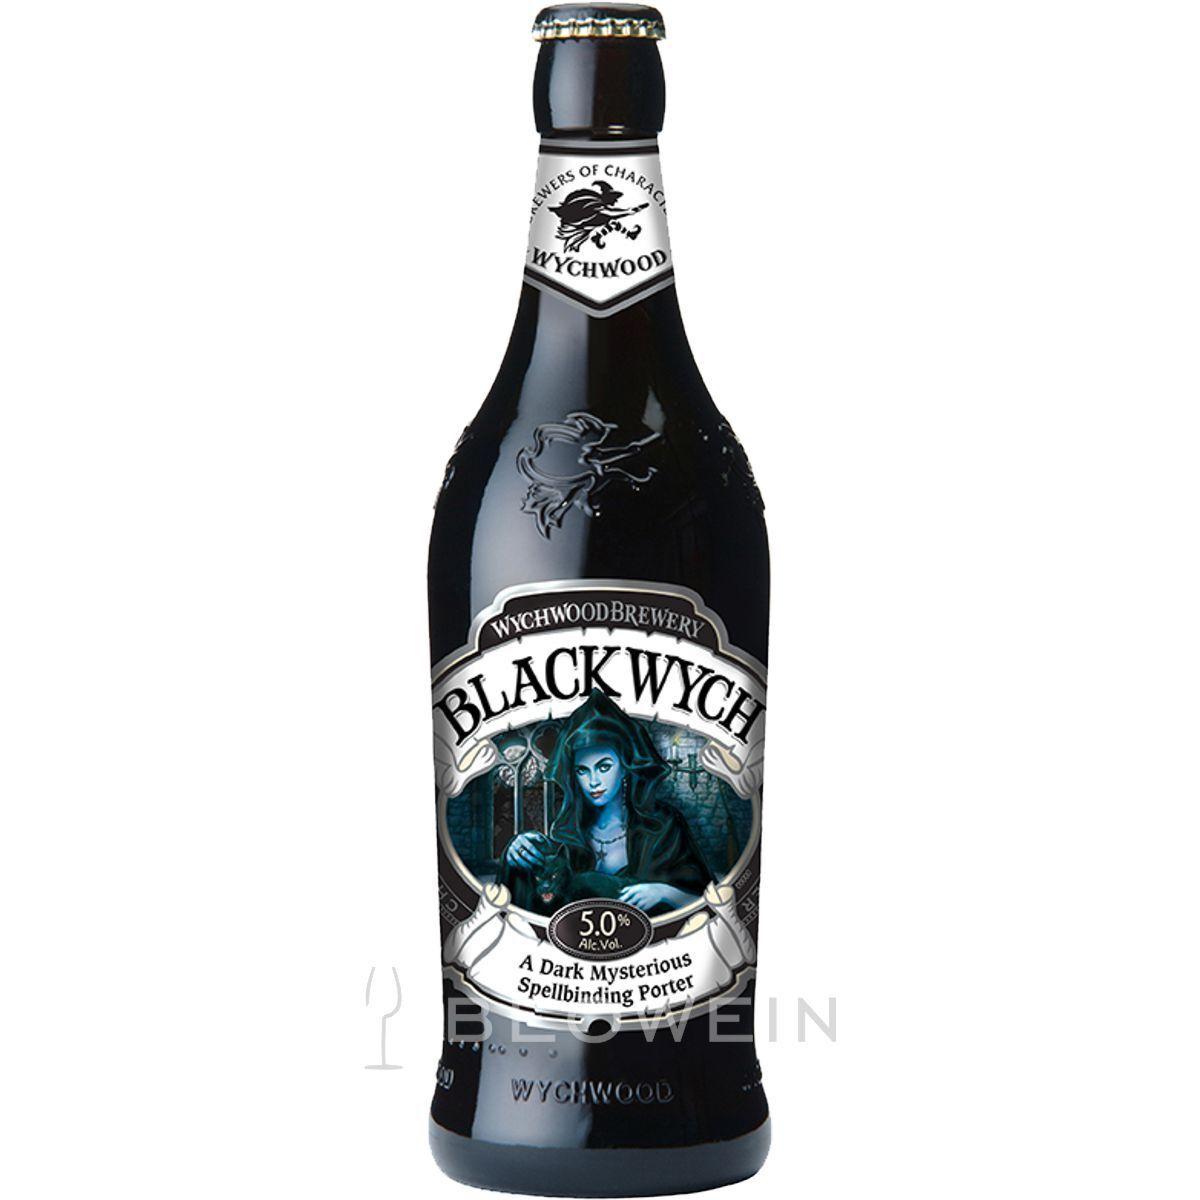 Wychwood Black Wych Porter 0,5 l inkl 0,25 € Pfand, dunkles Bier aus England